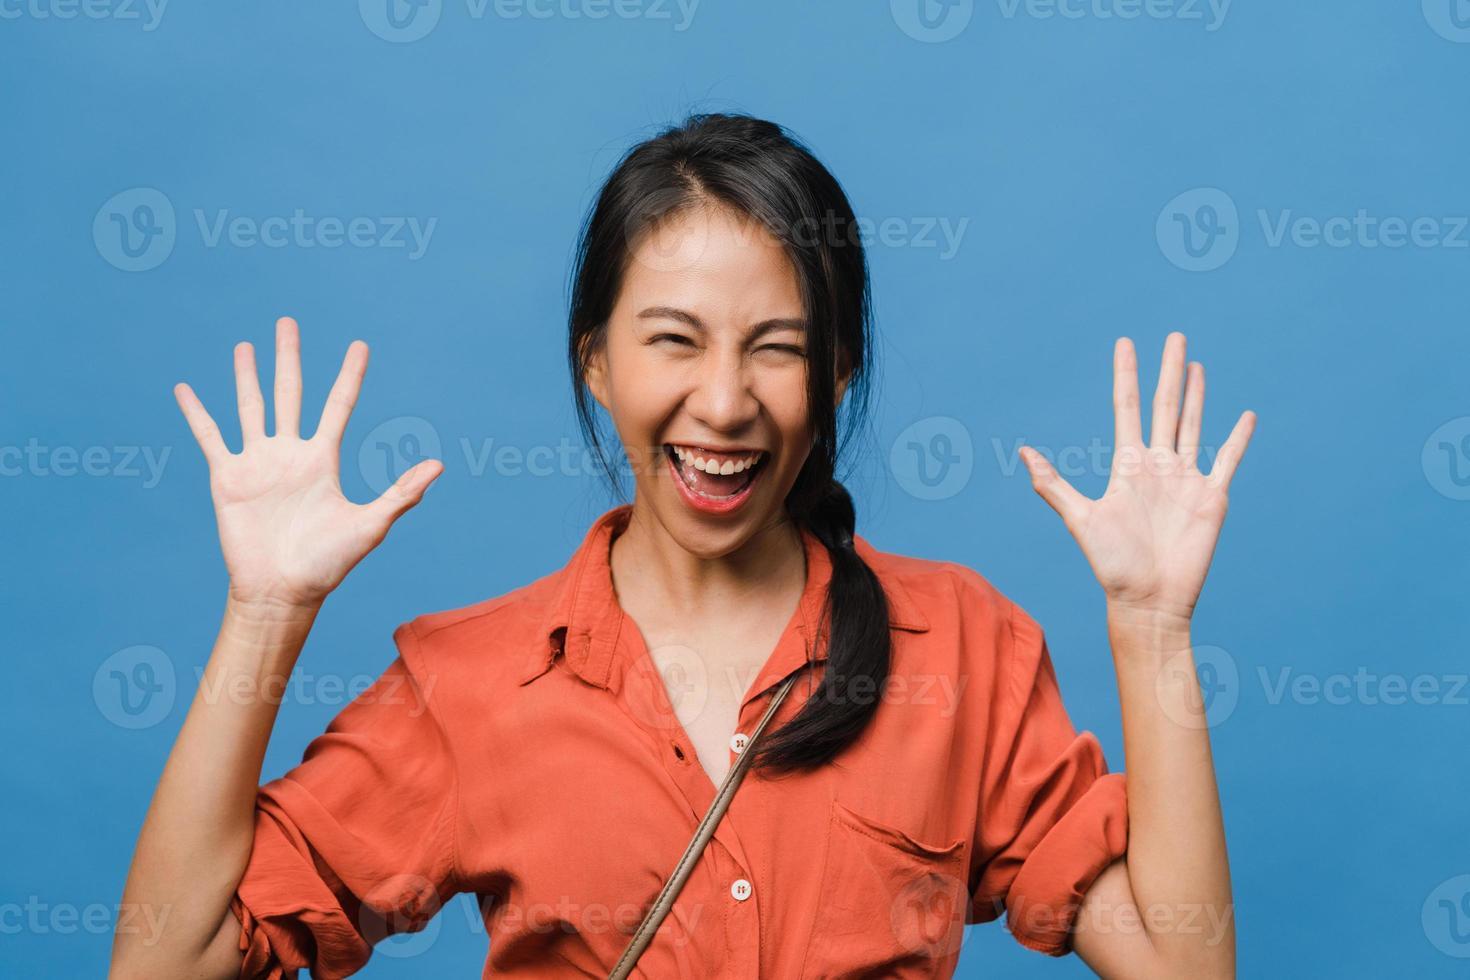 ung asiatisk dam känner lycka med positivt uttryck, glädjande överraskning funky, klädd i avslappnad trasa och tittar på kameran isolerad på blå bakgrund. glad förtjusande glad kvinna jublar över framgång. foto